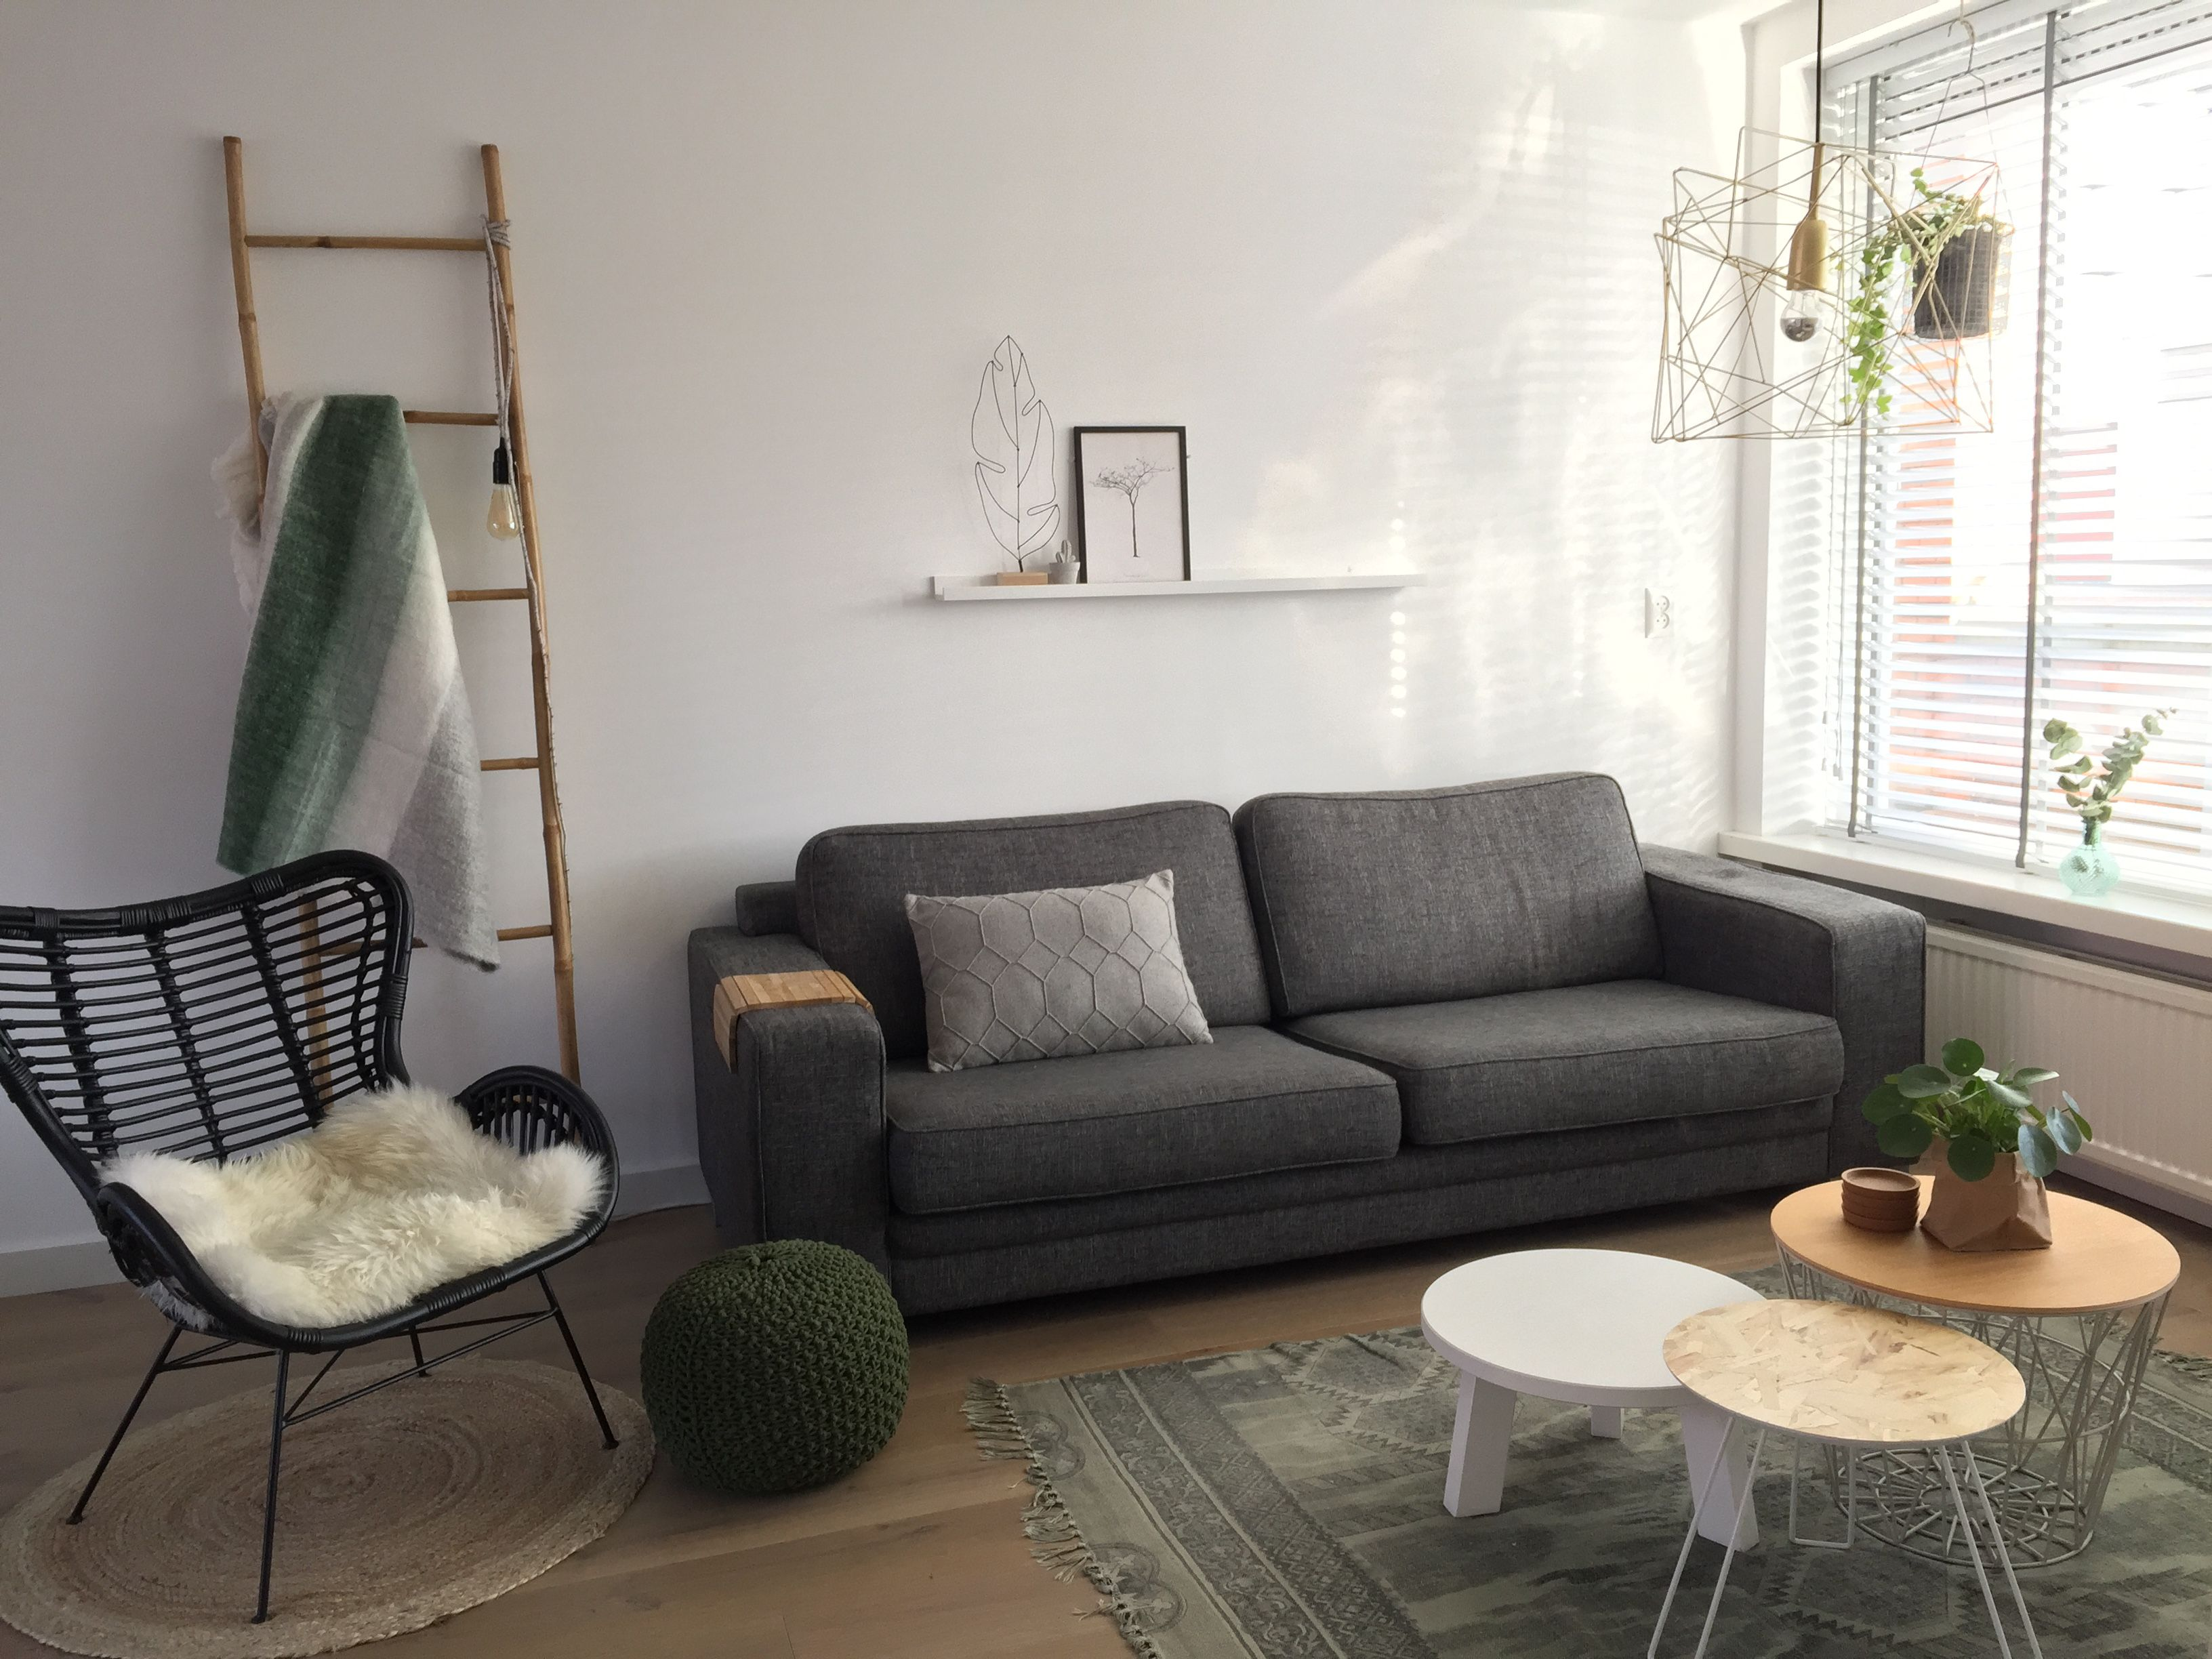 House Doctor Kussen : Scandinavian living room u2022 green interior u2022 tafeltjes zijn van